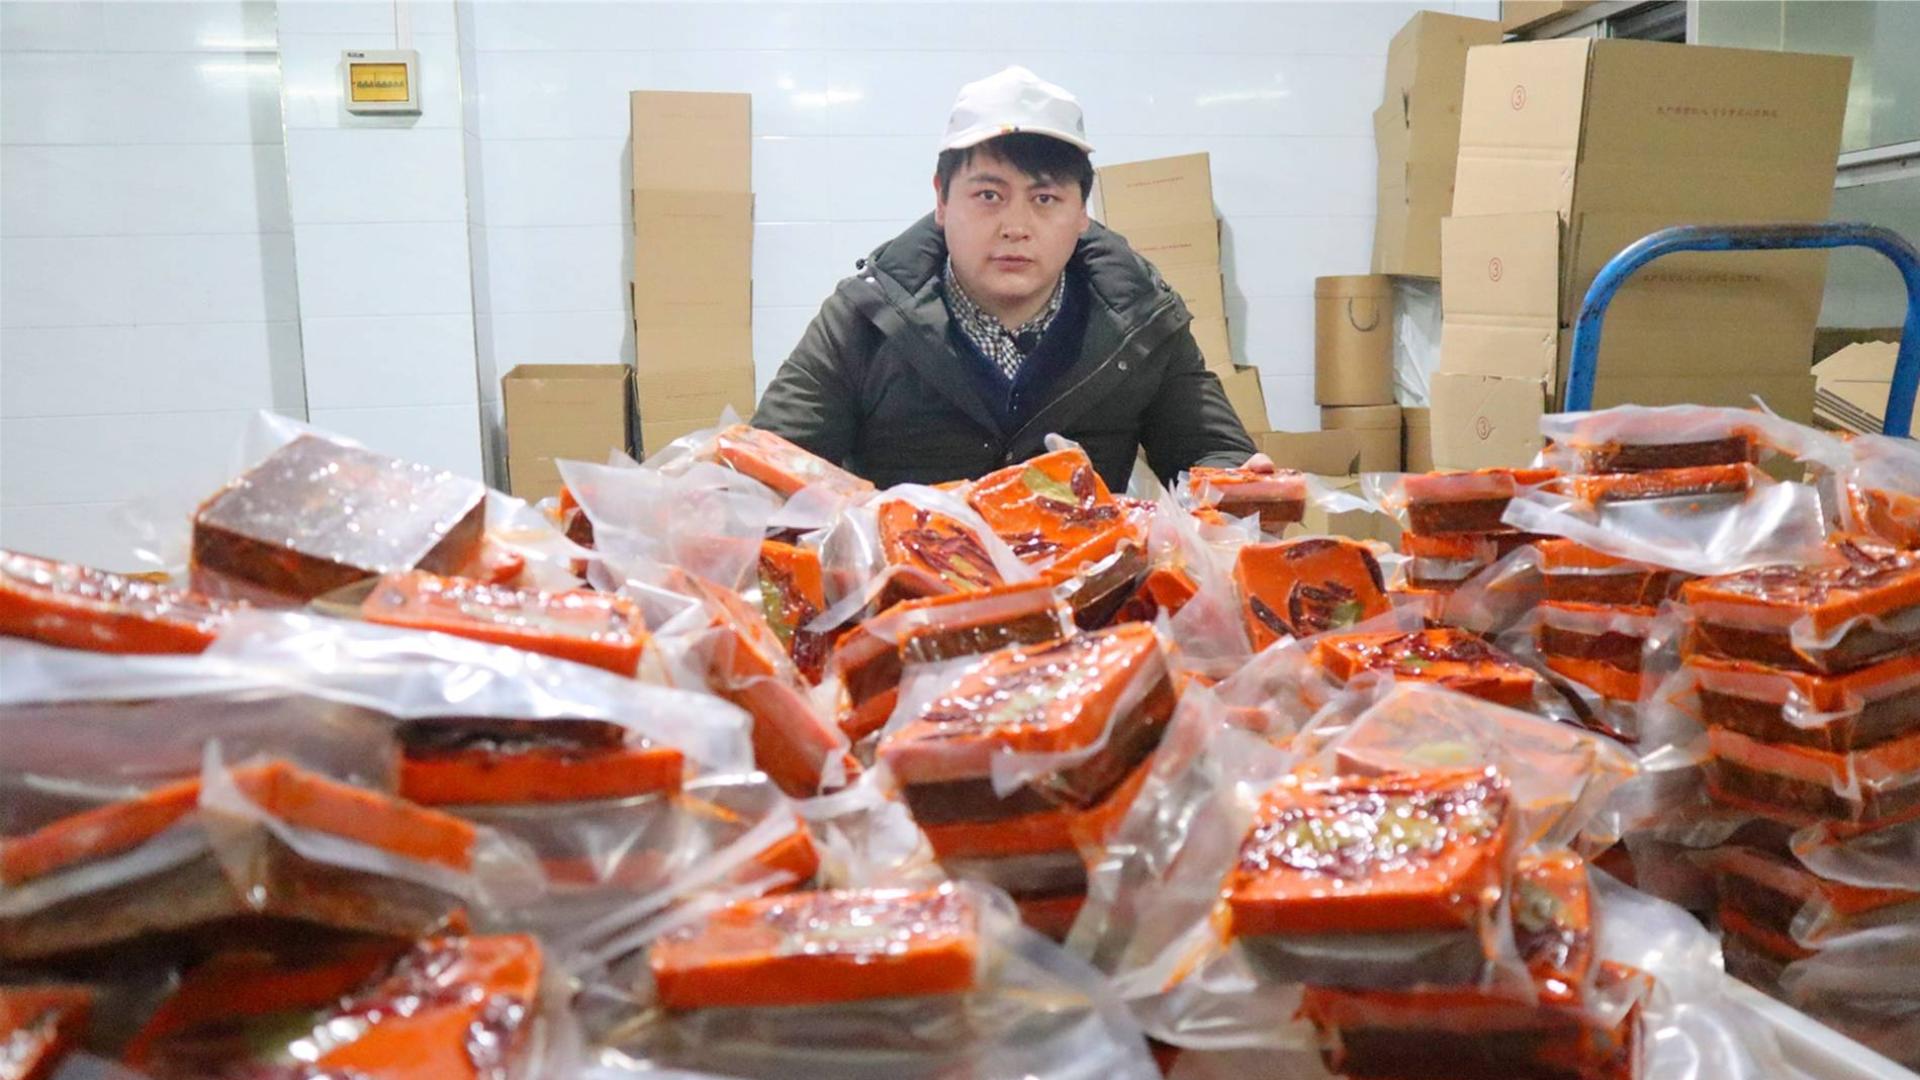 德哥去工厂炒火锅底料,一锅1000斤,看完想直接啃火锅底料